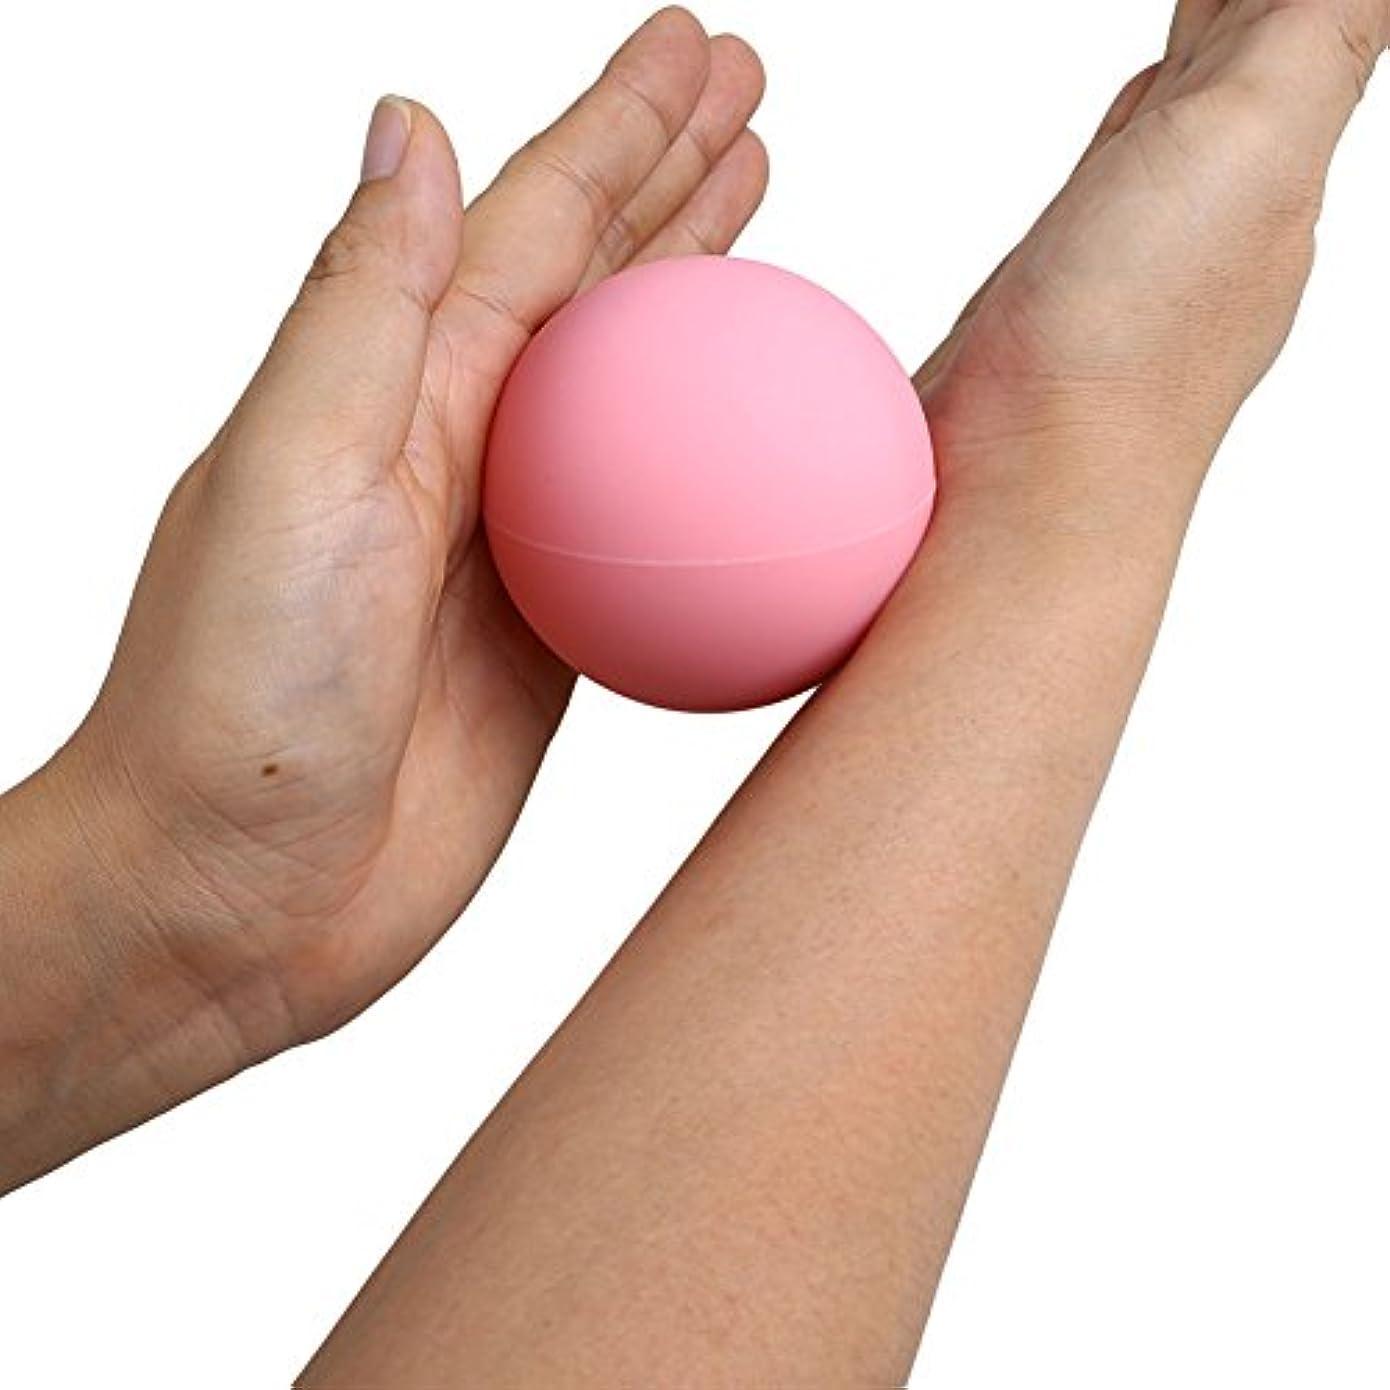 薄める一掃するアマゾンジャングルAuntwhale ラクロスマッサージボール 毎日のためにジムヨガ 筋筋膜トリガーポイント リリース